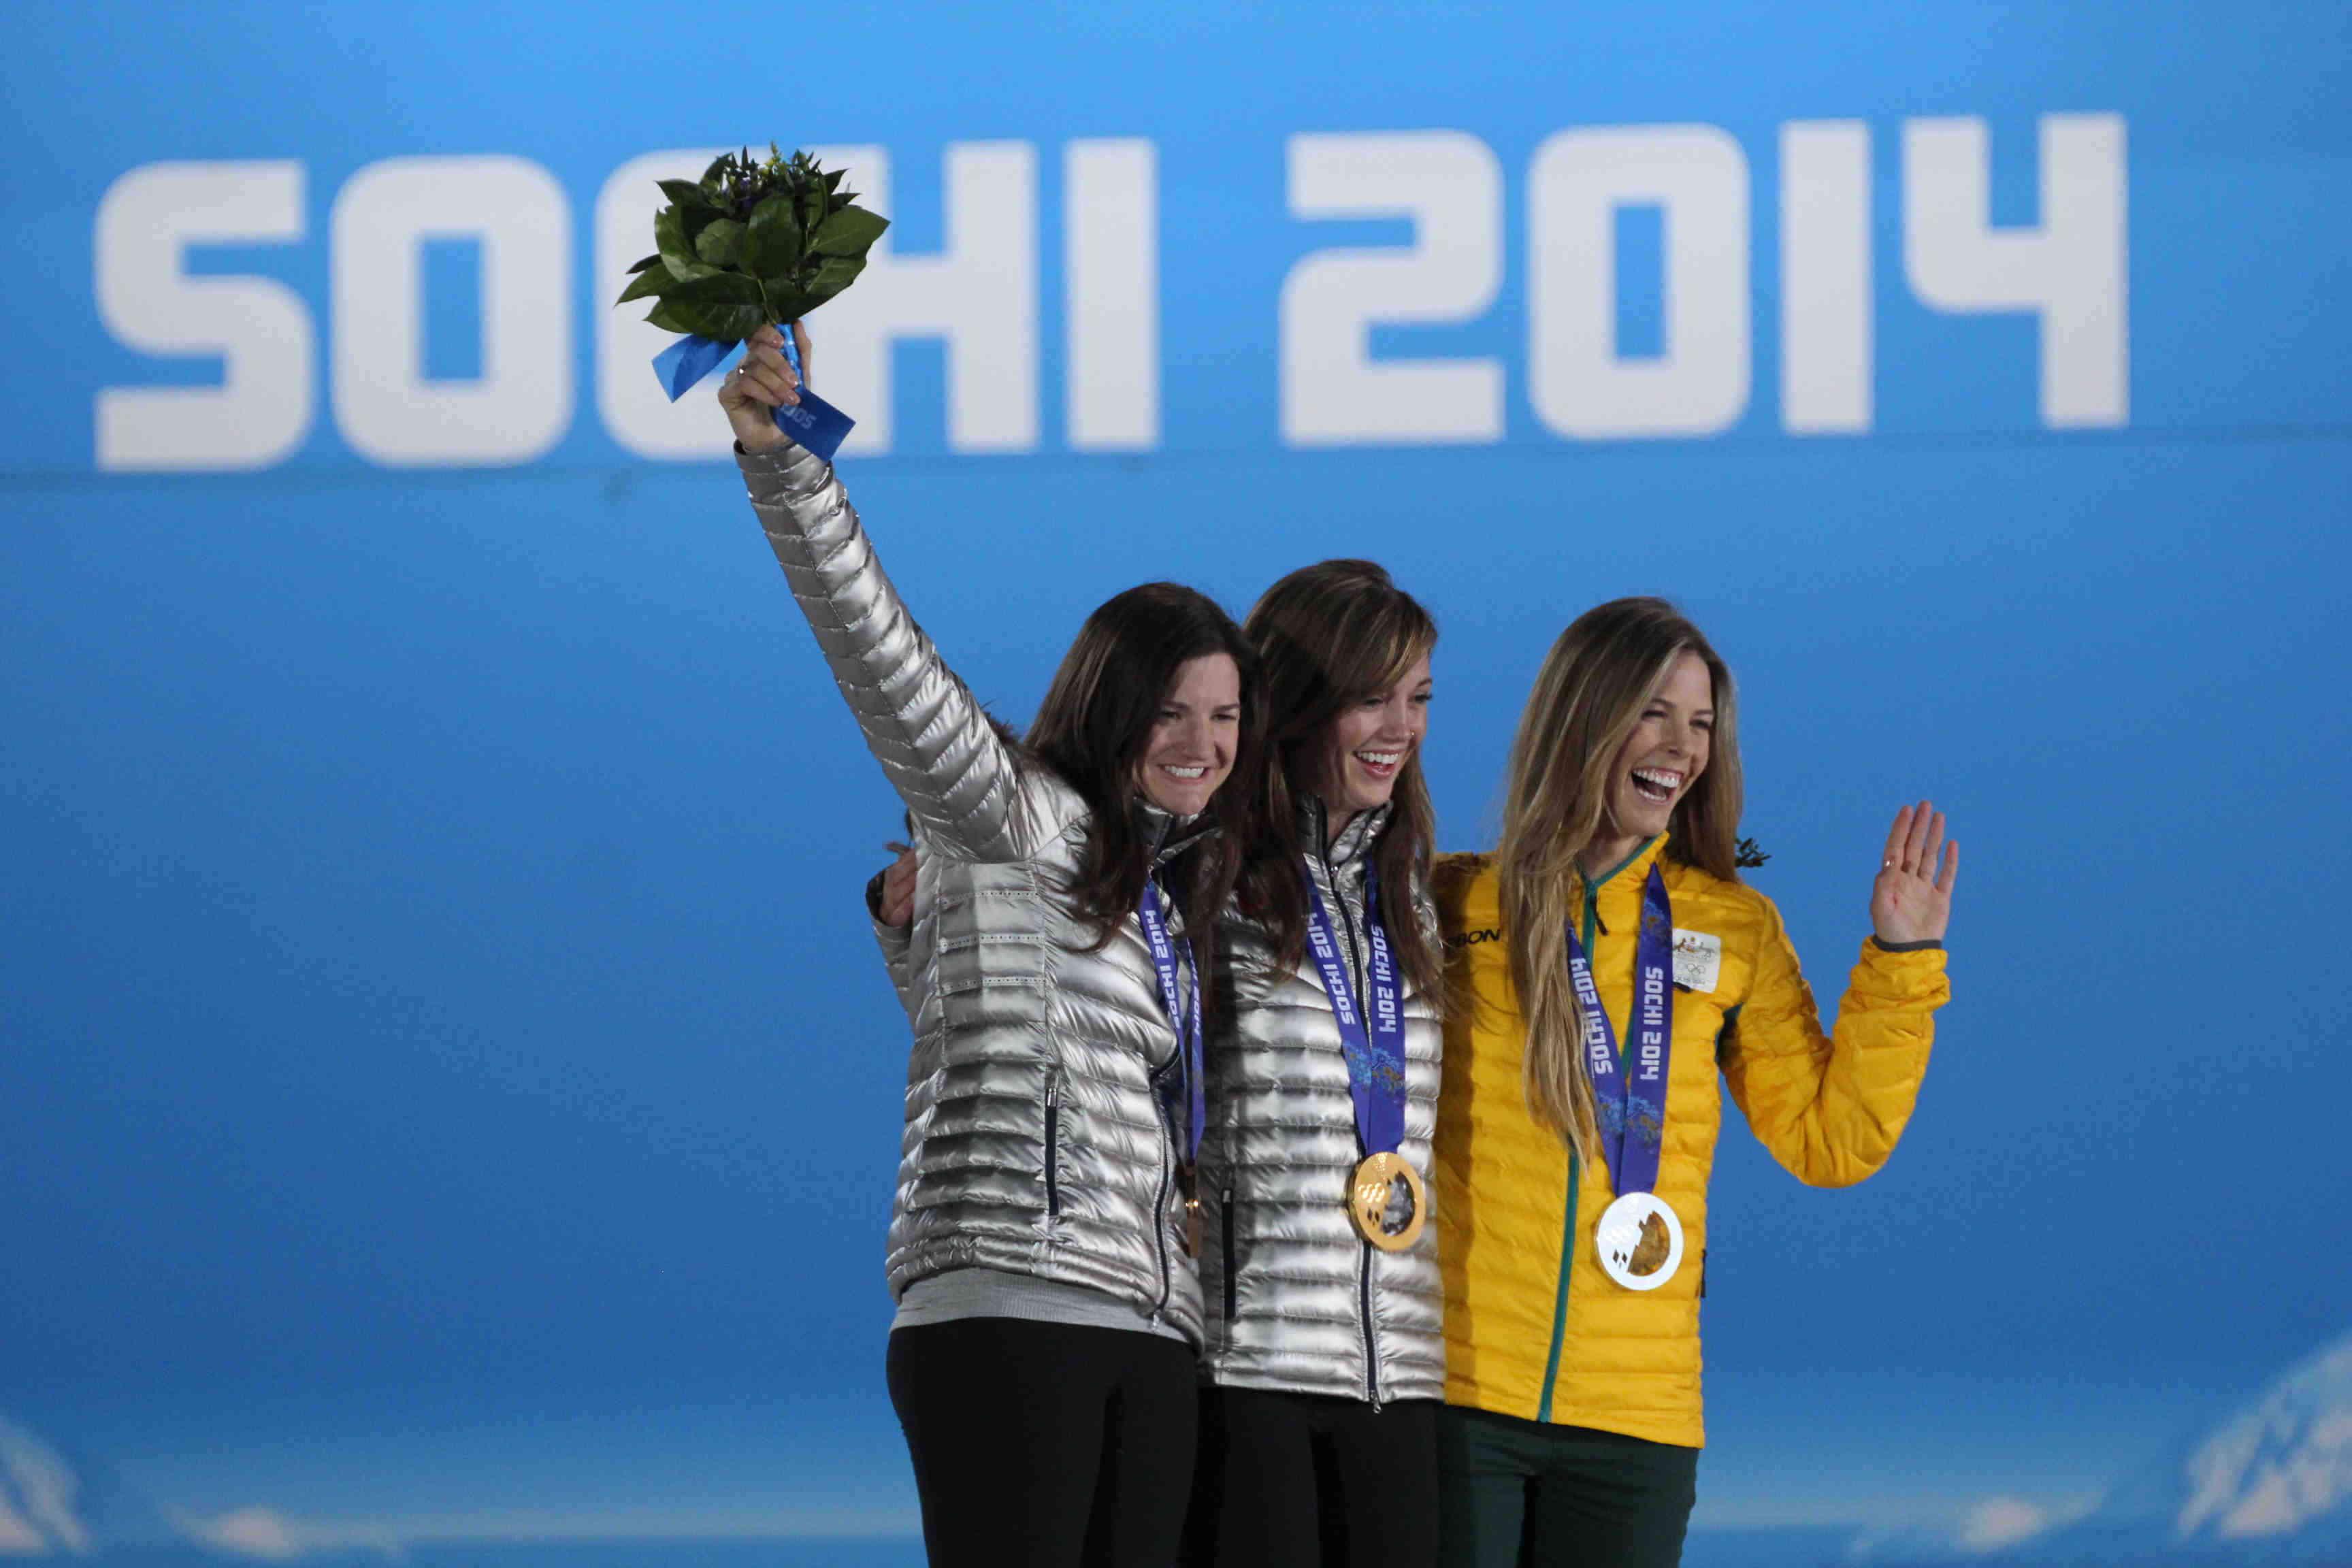 sochi 14 podium